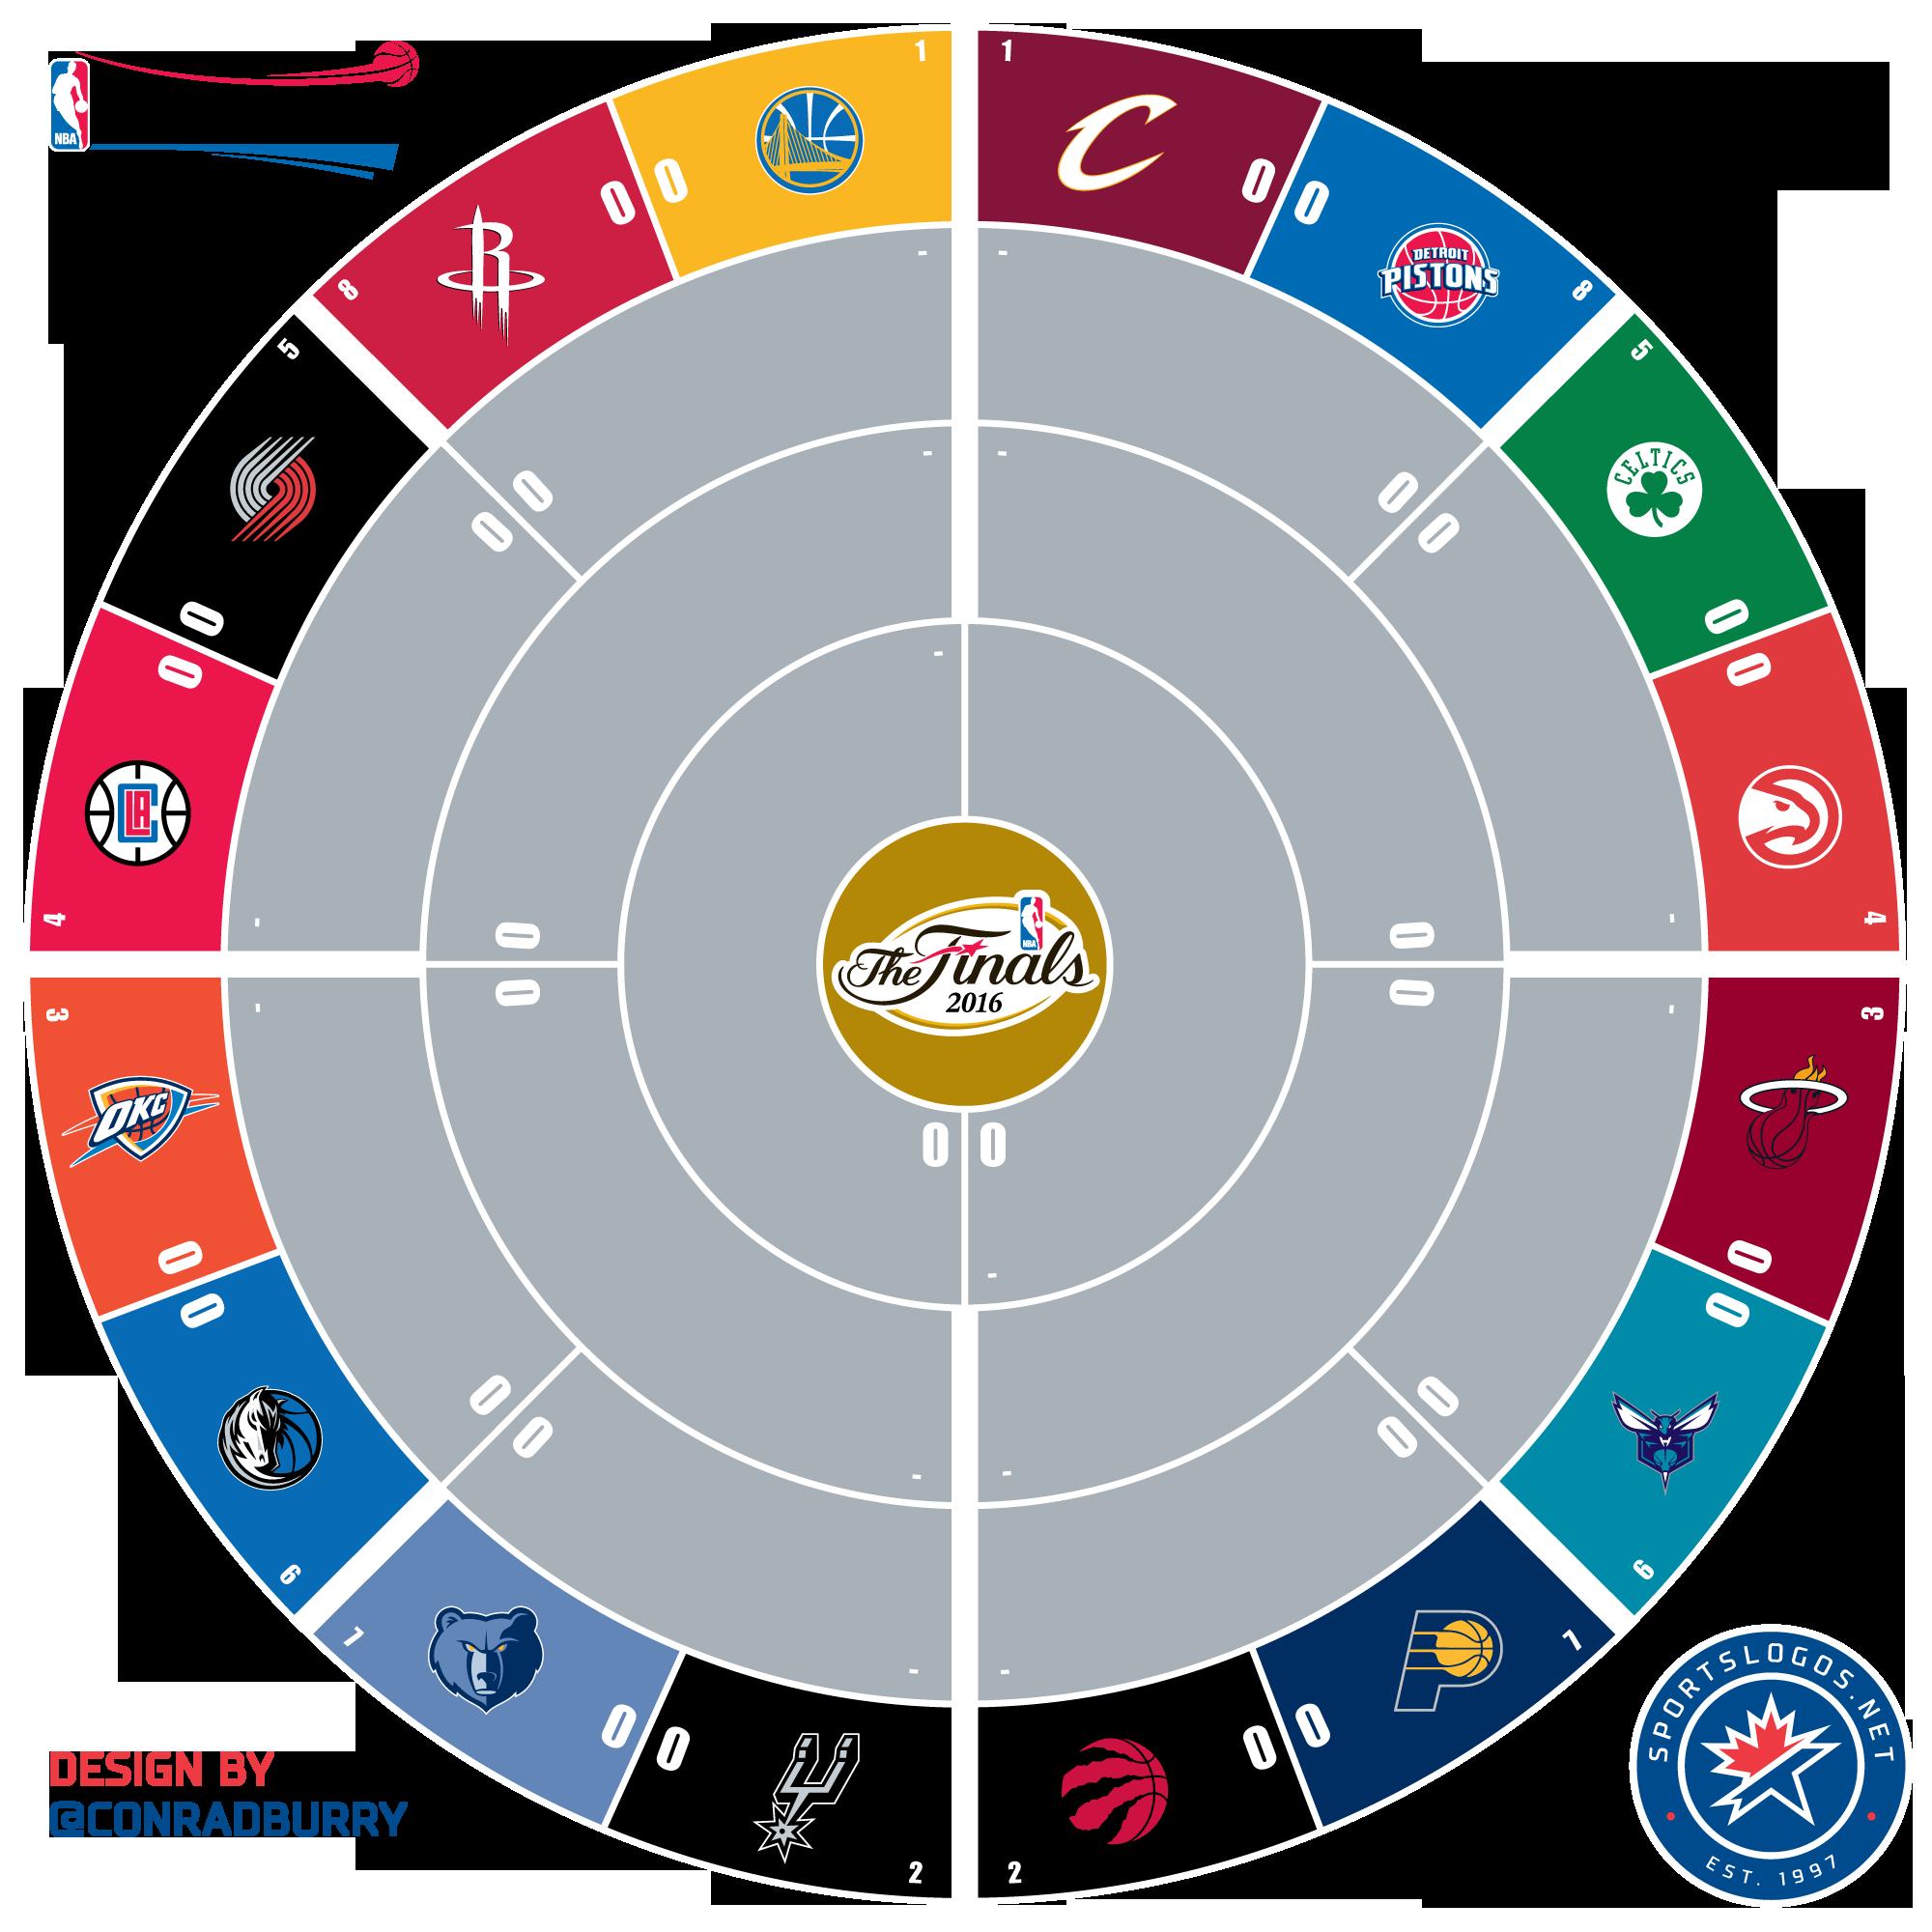 2016 NBA Playoffs Printable Circle Bracket